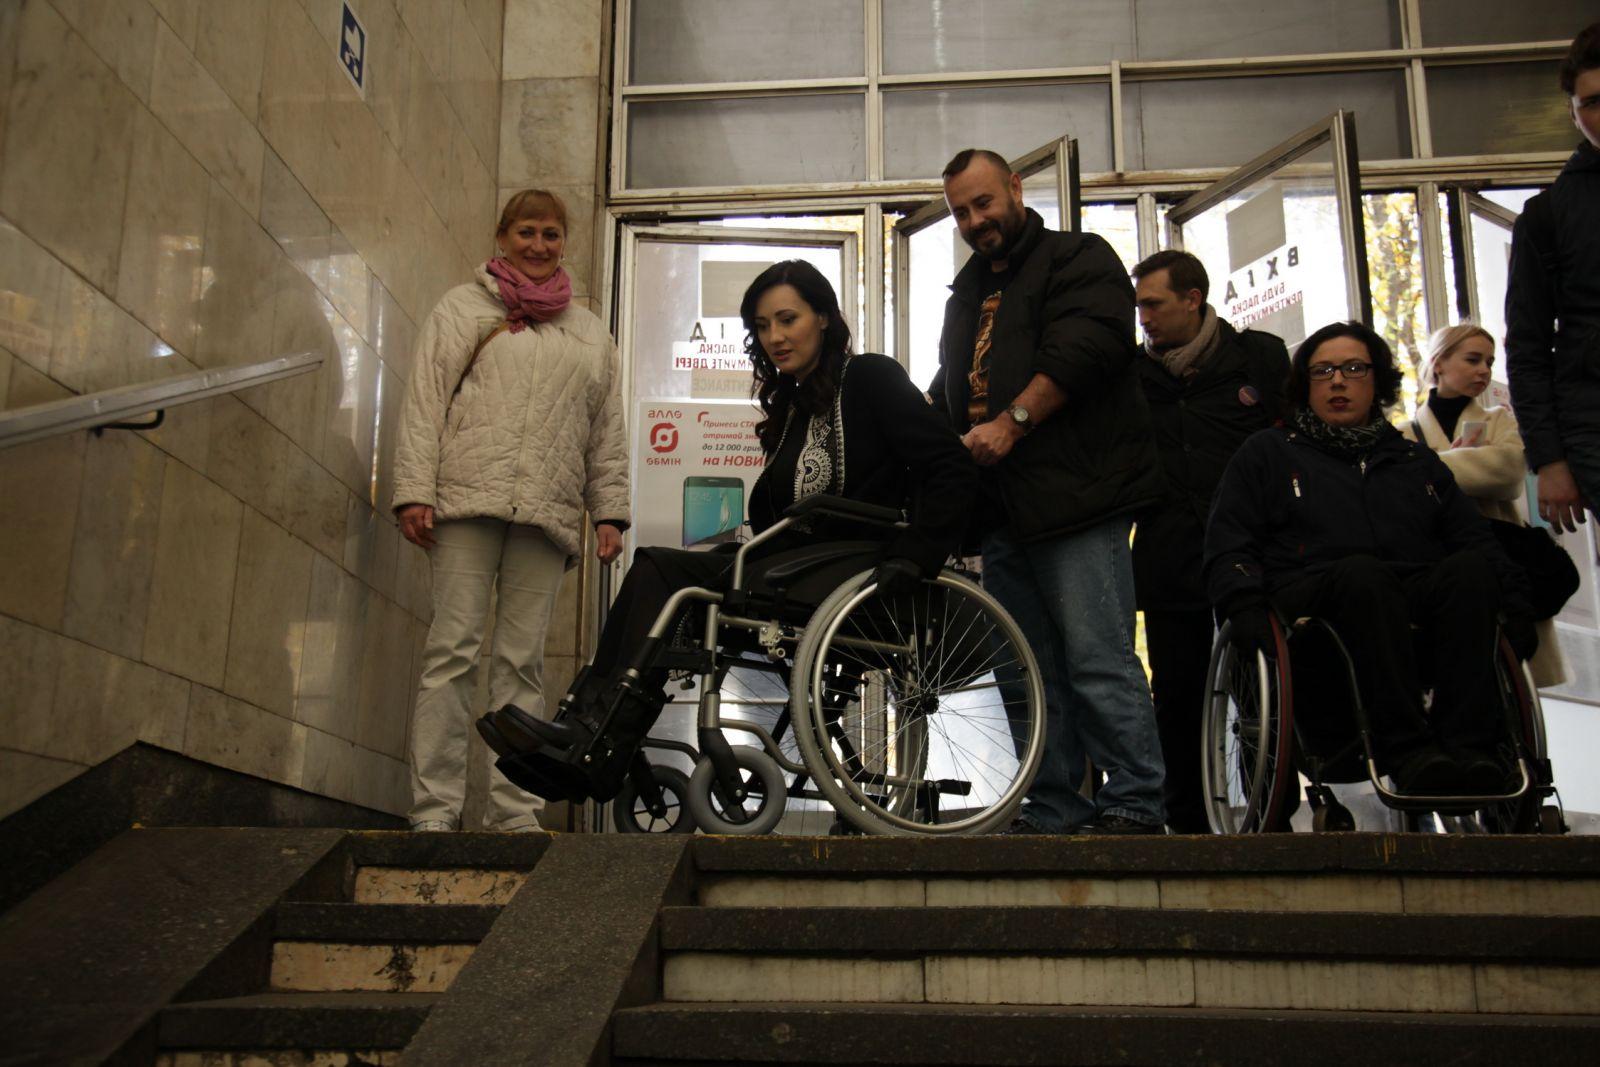 Соломия Витвицкая и Ирэна Карпа сели в инвалидные коляски и проехались по Киеву картинки